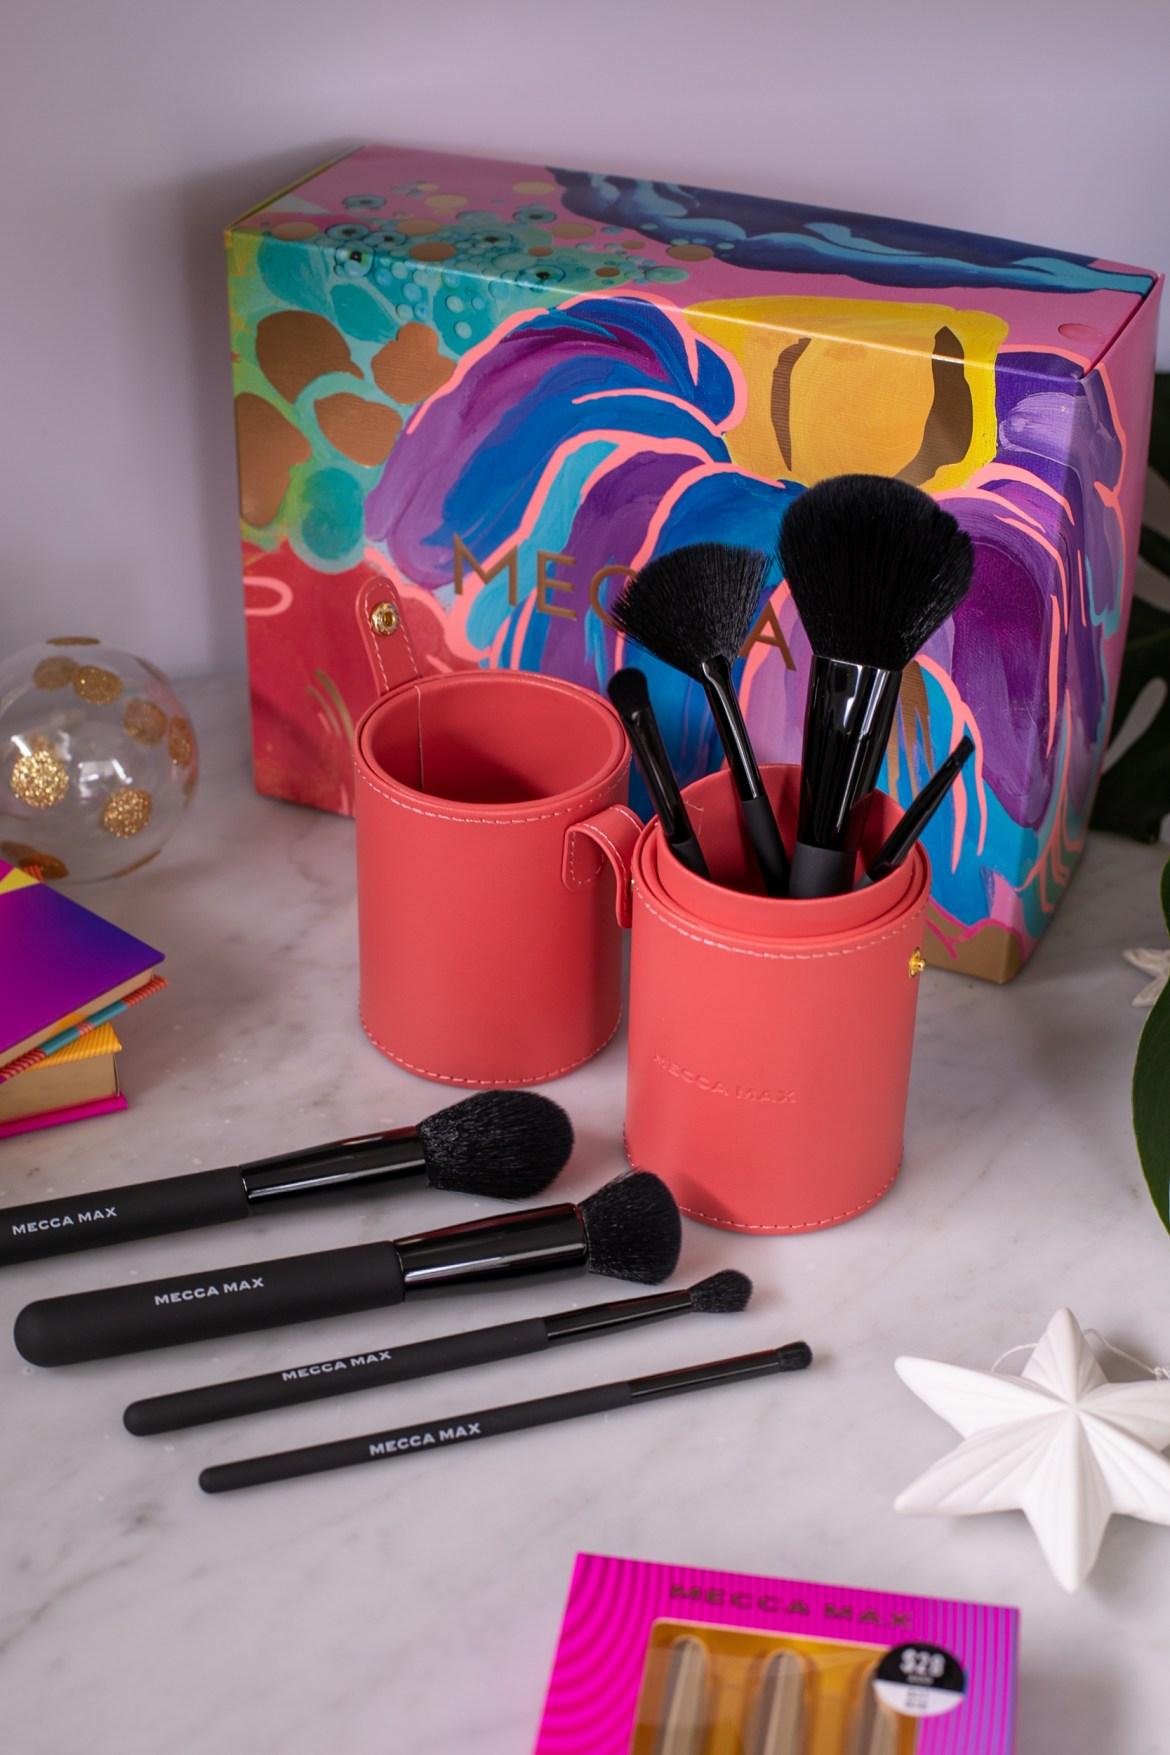 Brush Over Brush Set from Mecca Max for Christmas 2020 on Inspiring Wit blog